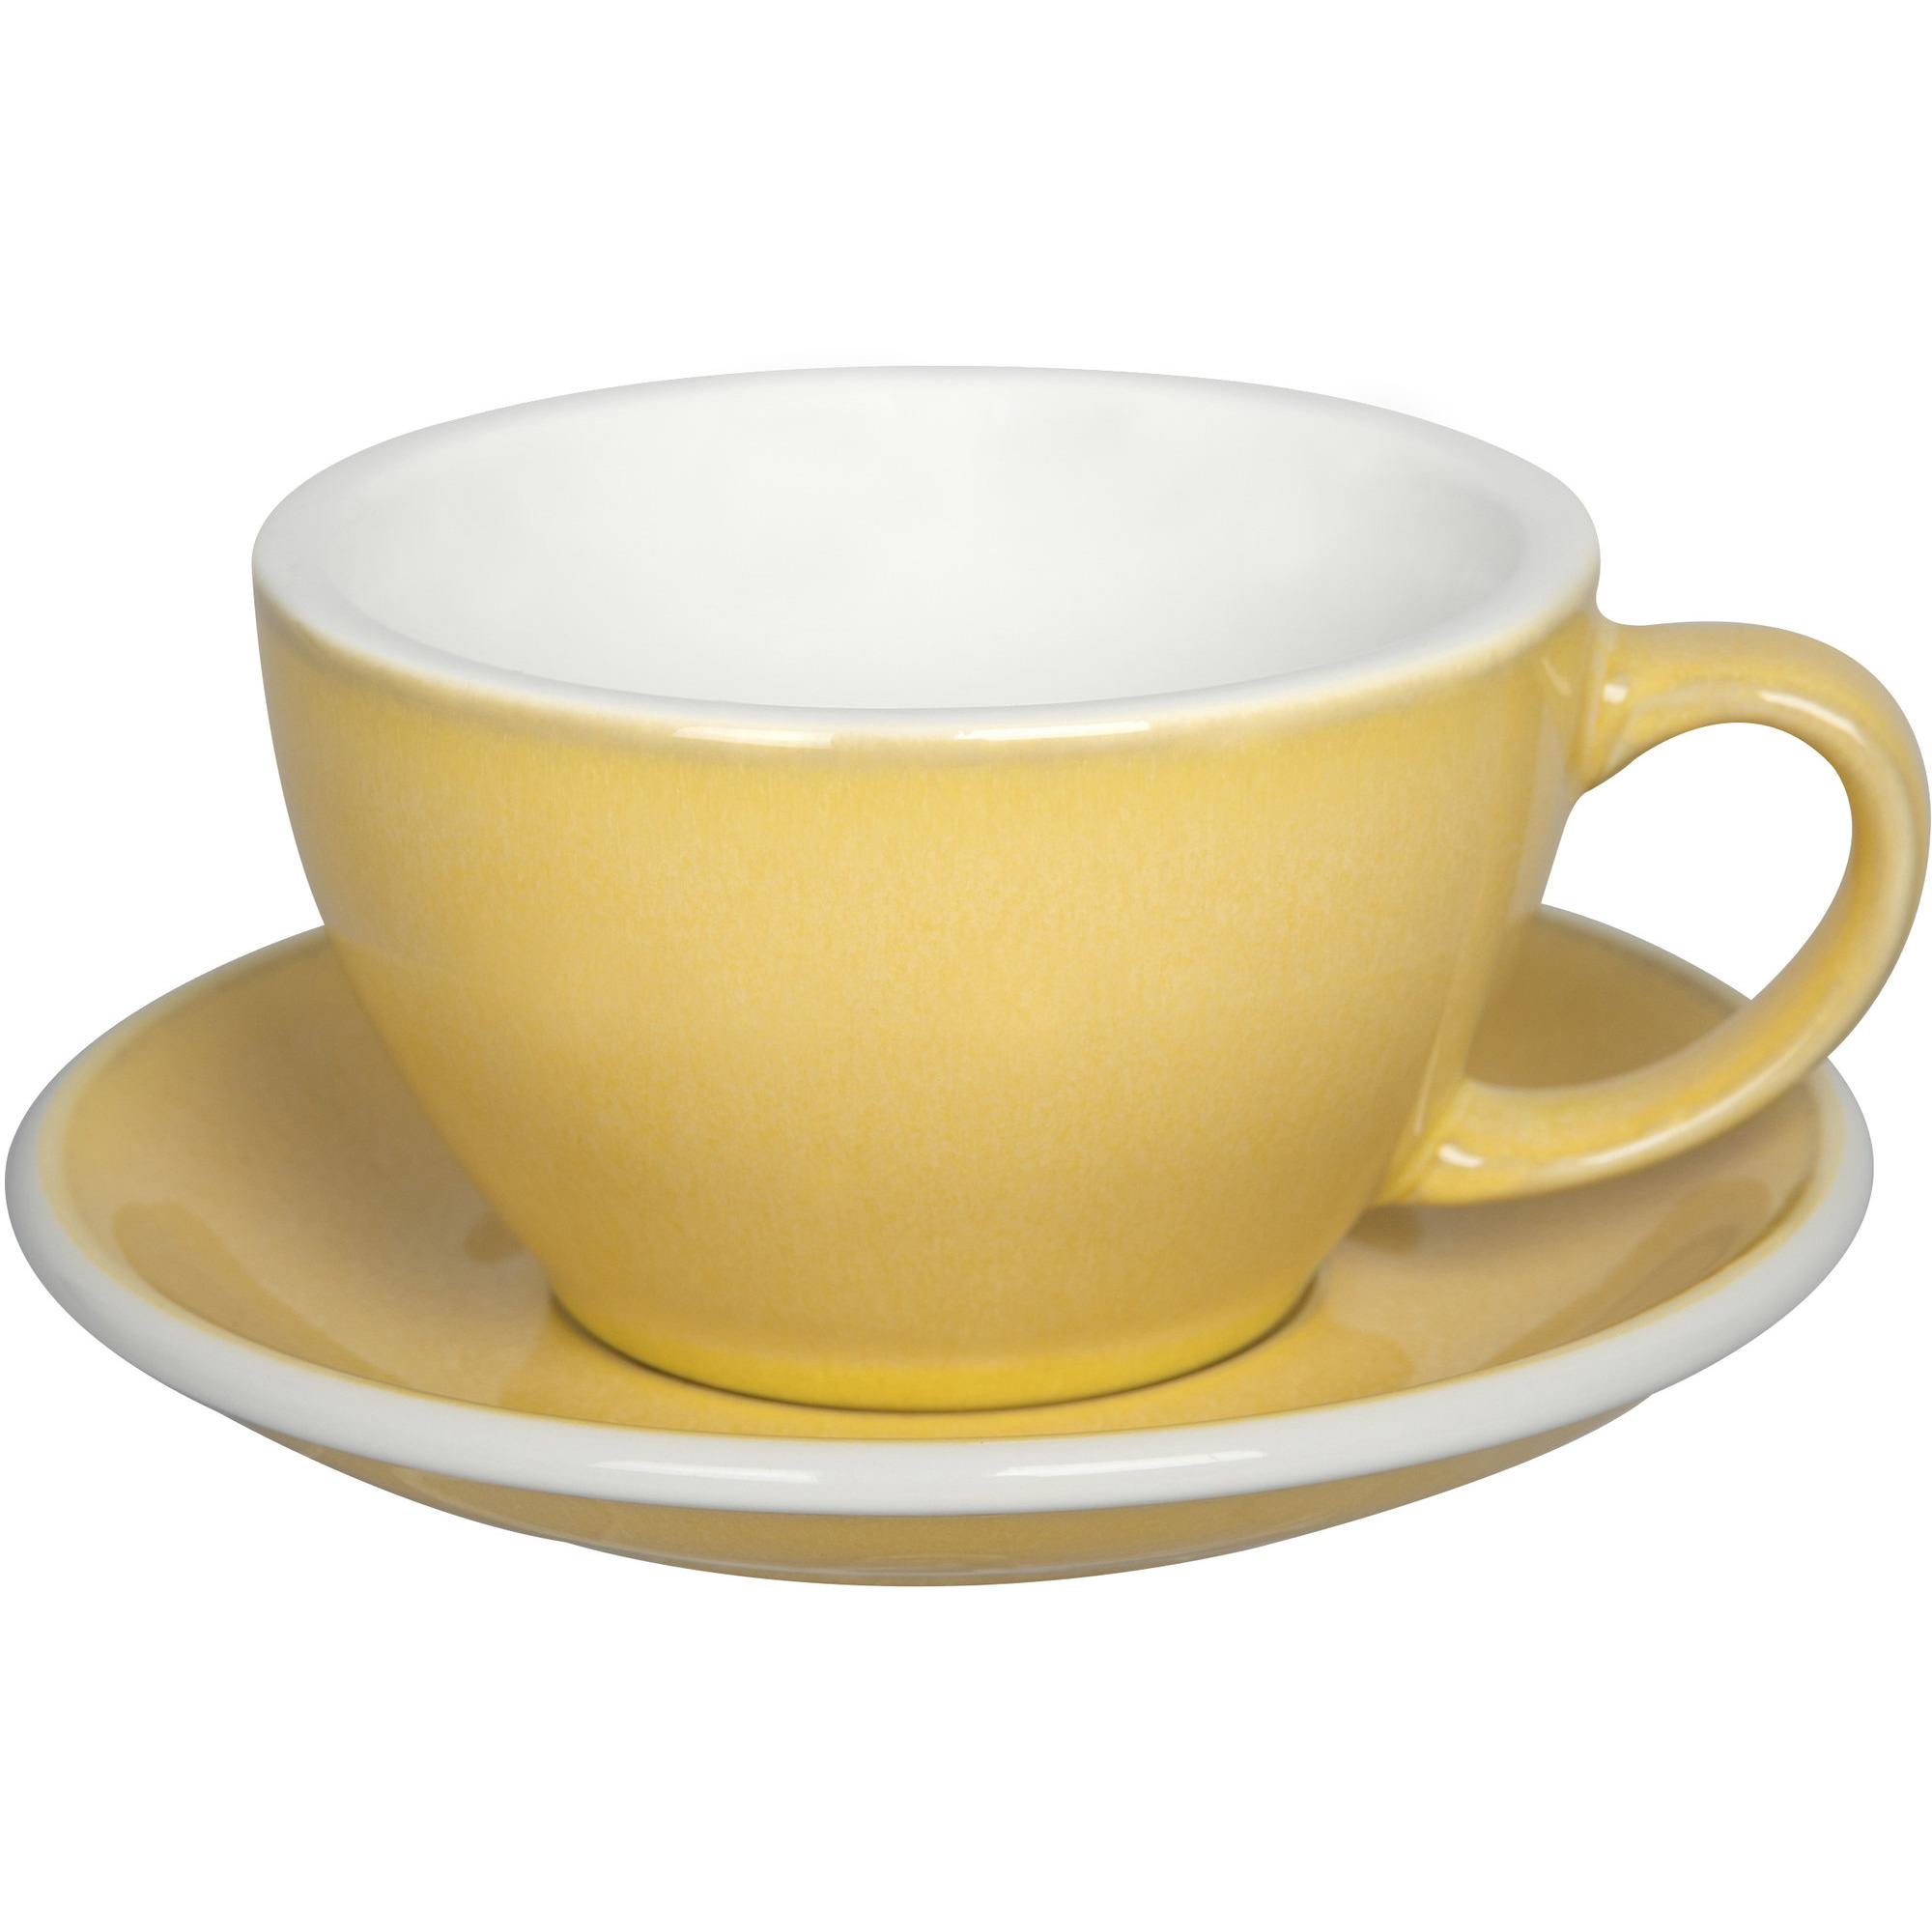 Loveramics Egg Café Lattekopp 300 ml 6 st Butter cup